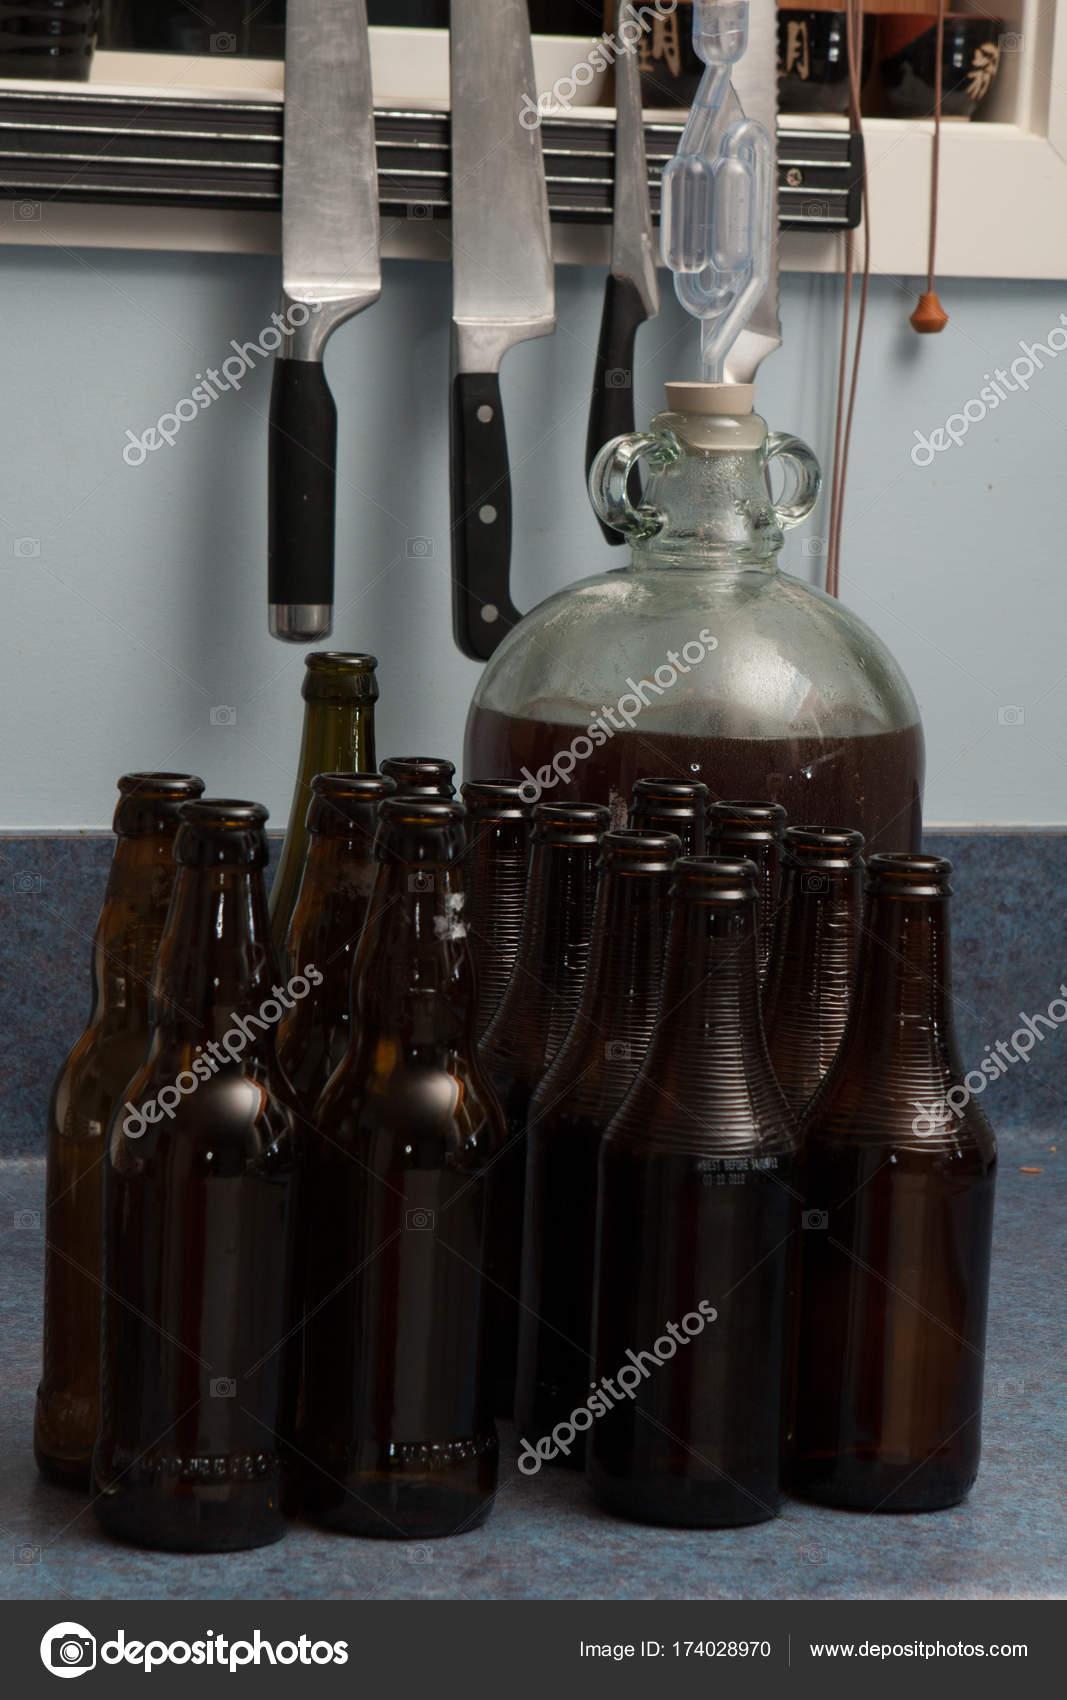 Vergorenen Bier in eine Korbflasche mit Schleuse und braune Flaschen ...